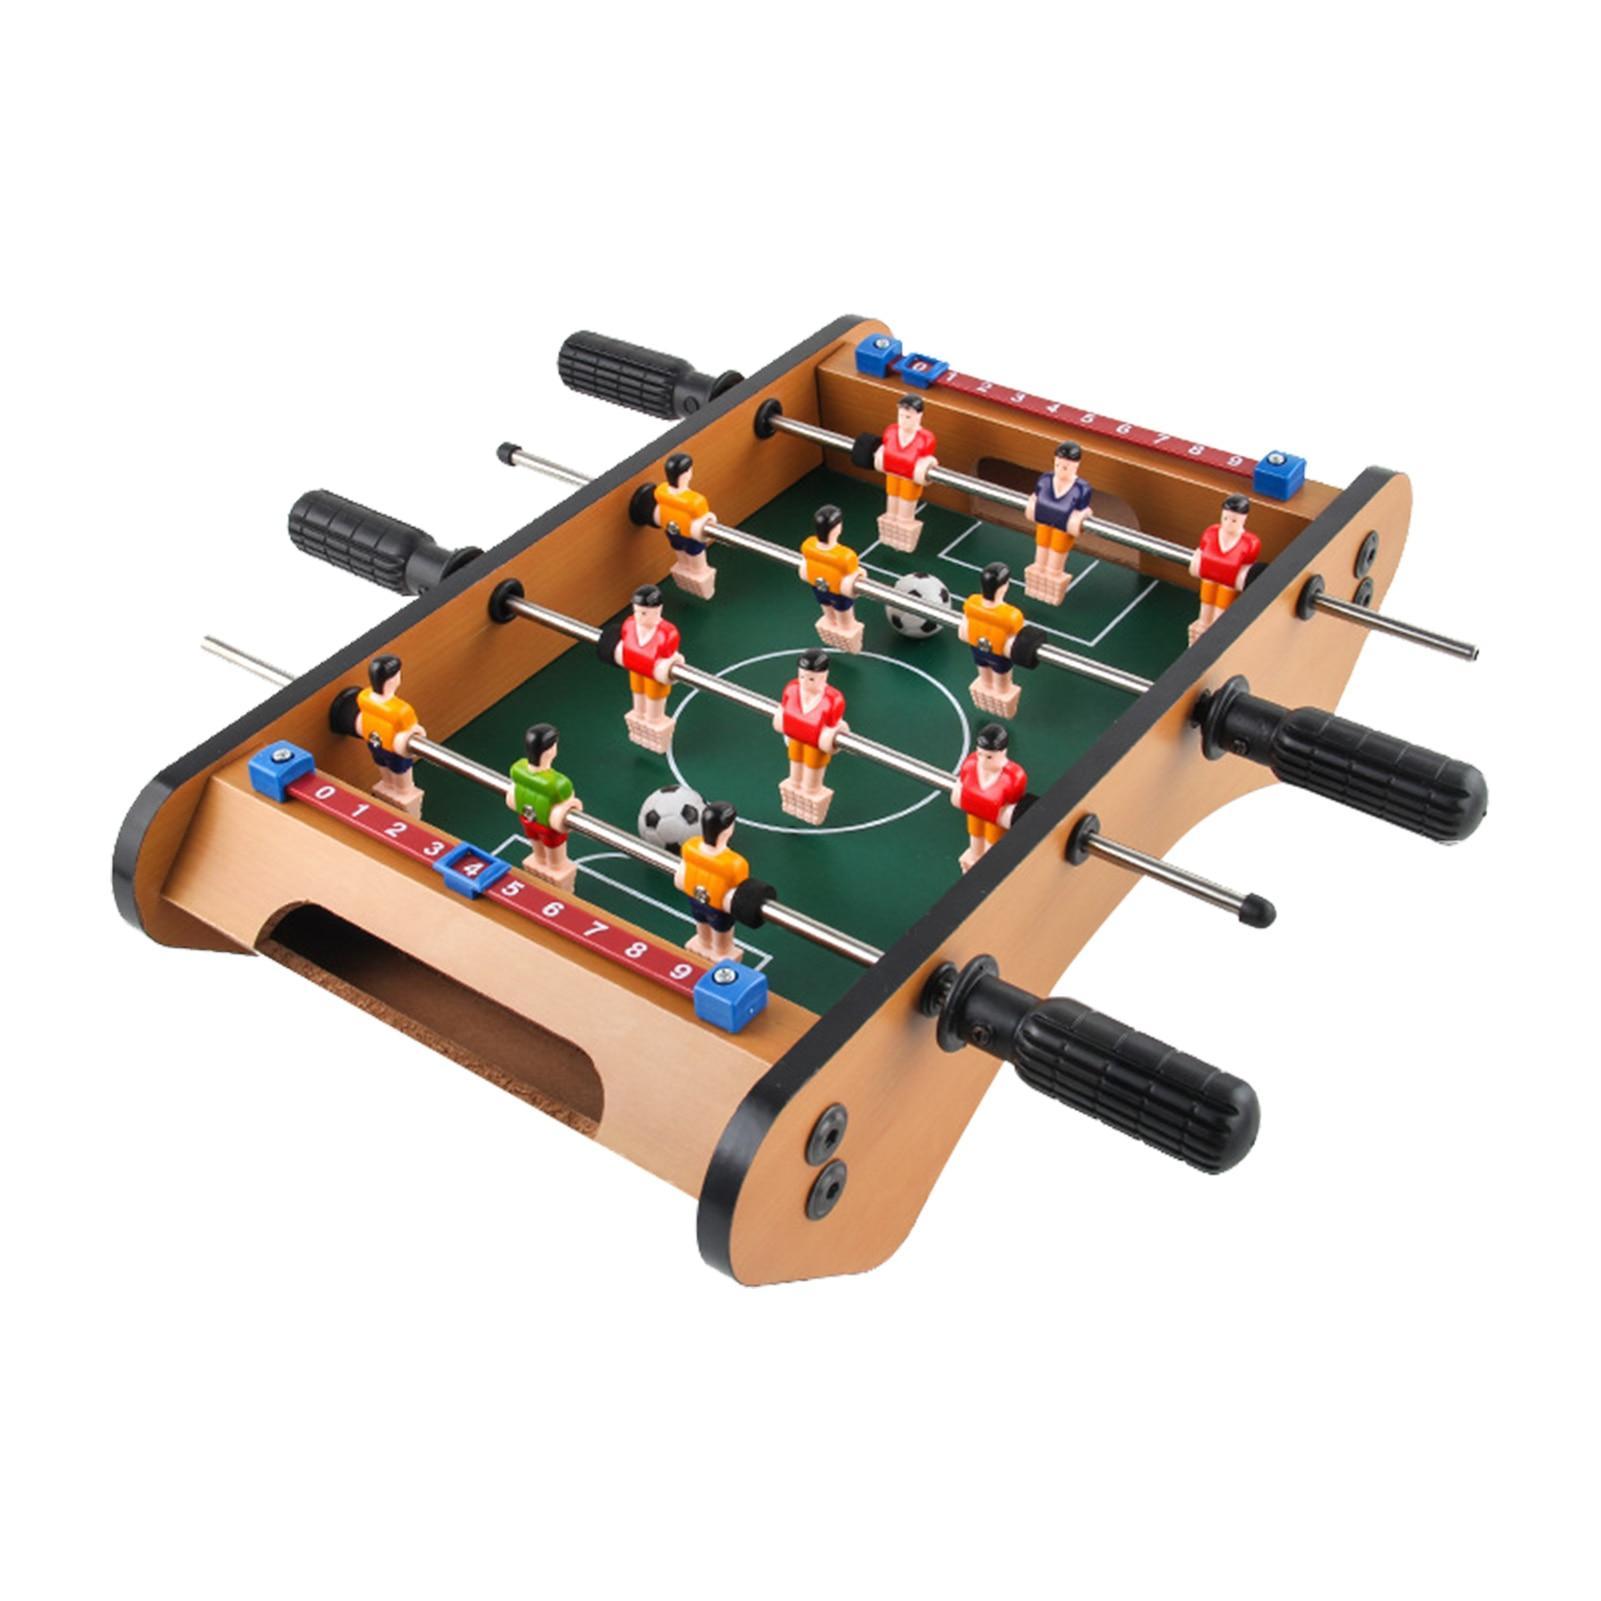 Взрослые дети настольный футбол настольная игра комнатная столешница футбол игрушки для детей на Рождество или день рождения, Вечерние игр...